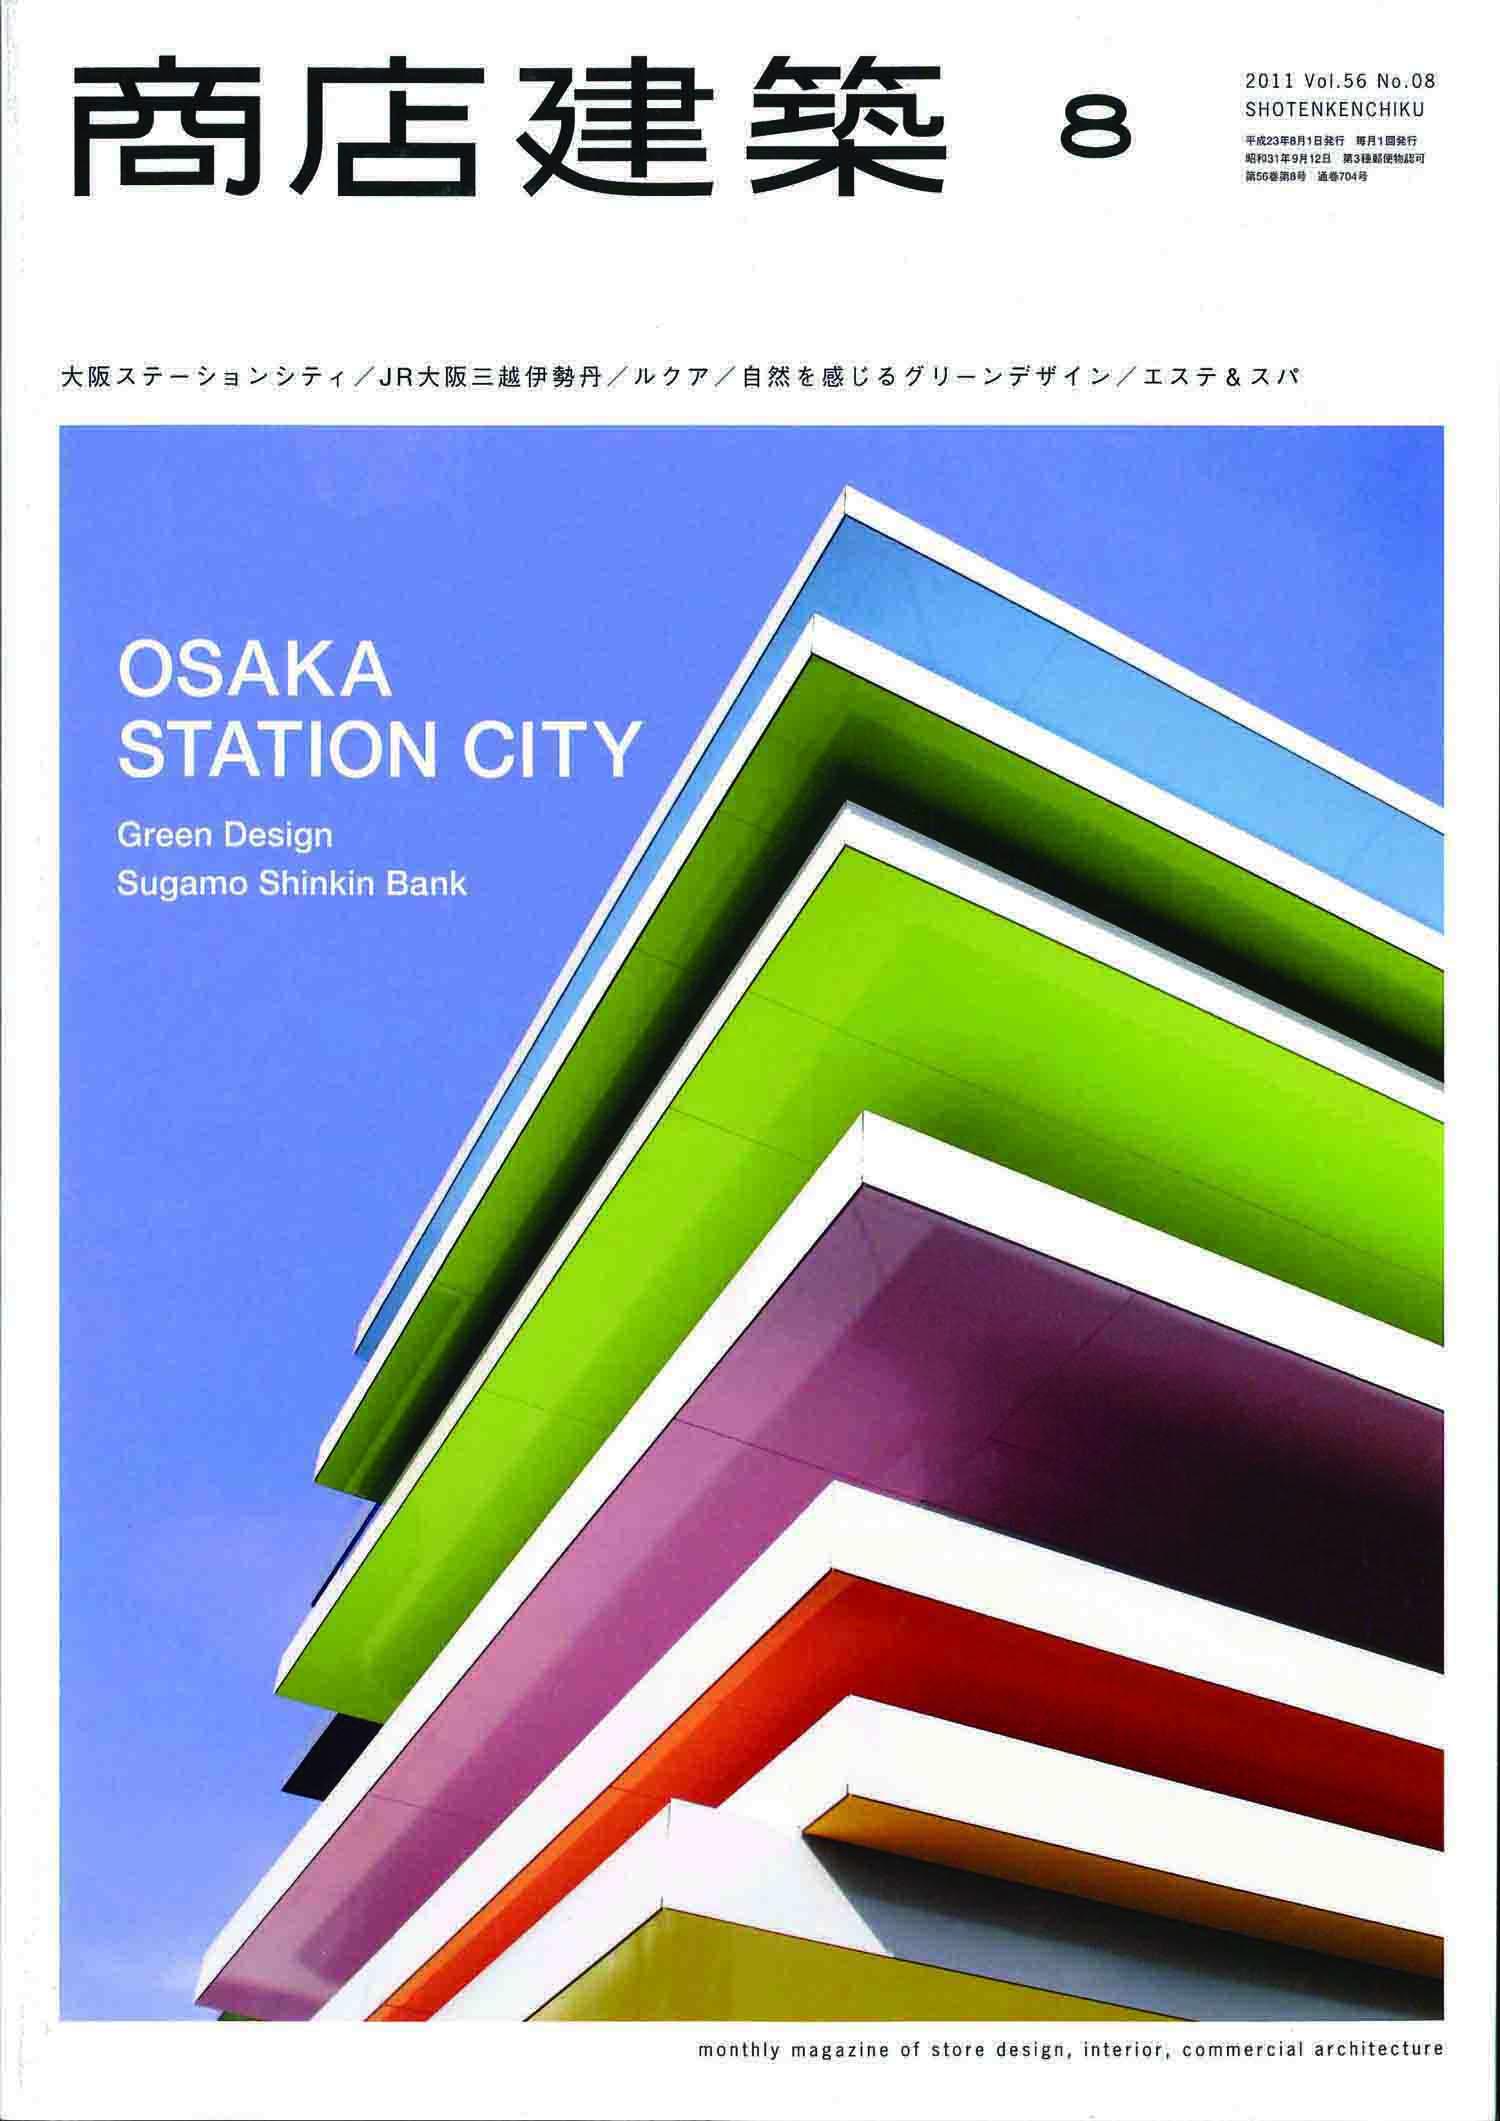 Sugamo Shinkin Bank / Shimura